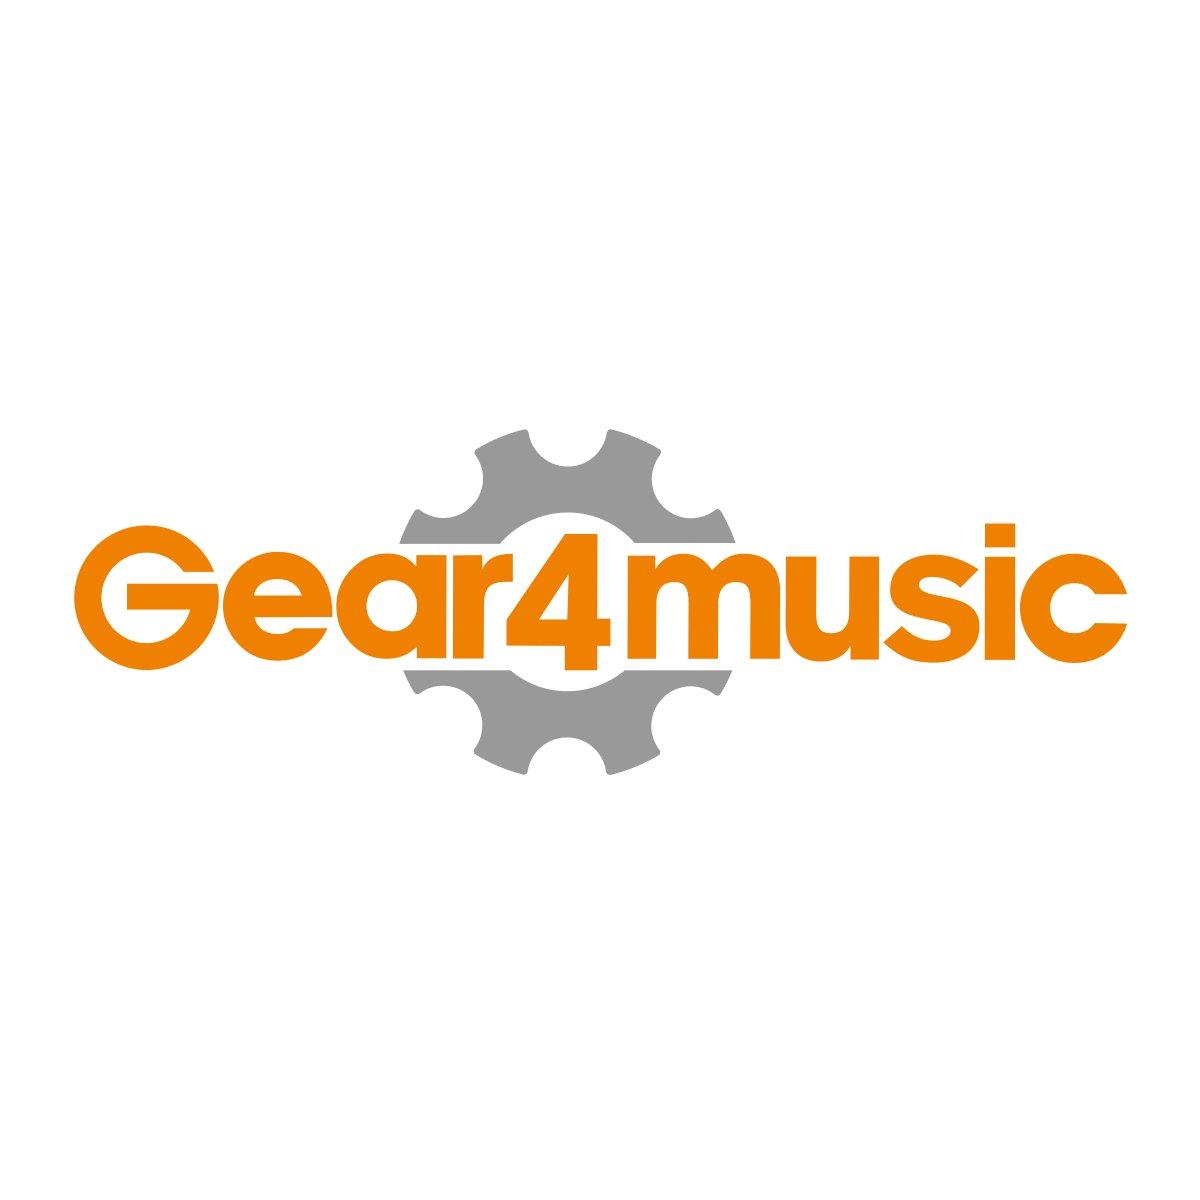 LA Double Neck Guitar by Gear4music, Sunburst